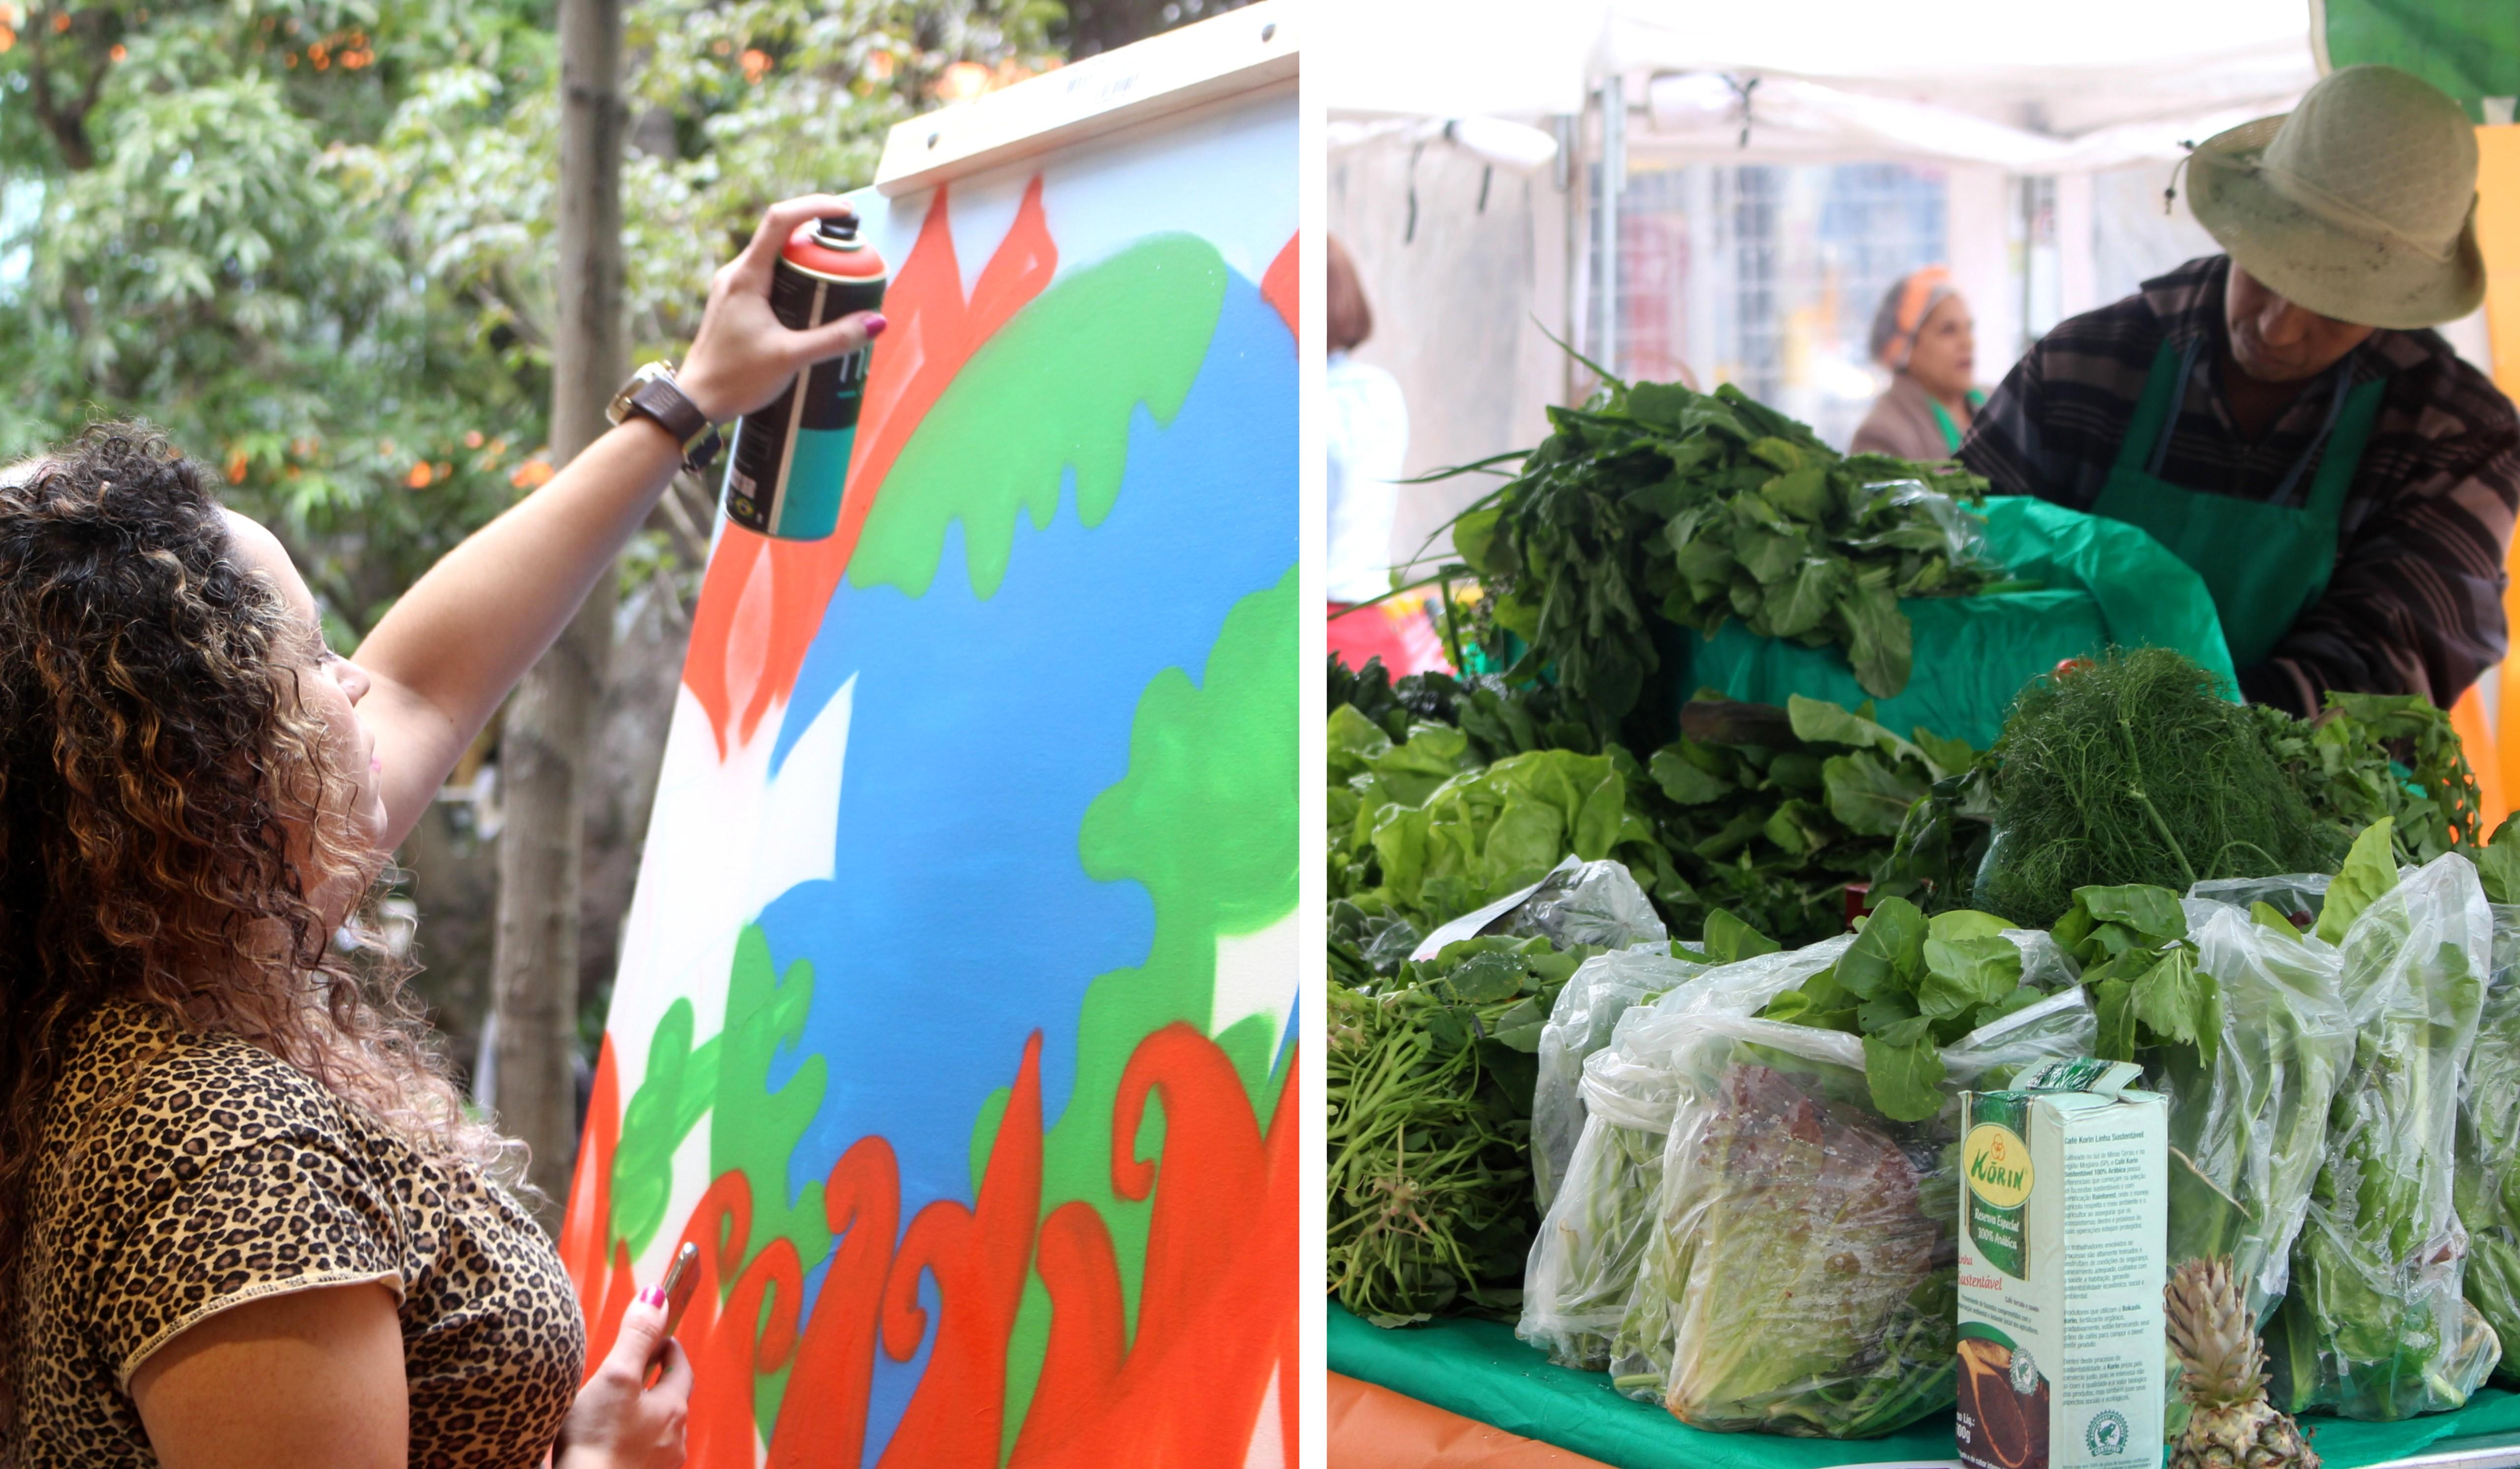 Evento promove sustentabilidade e investe em ideais ecológicos 1